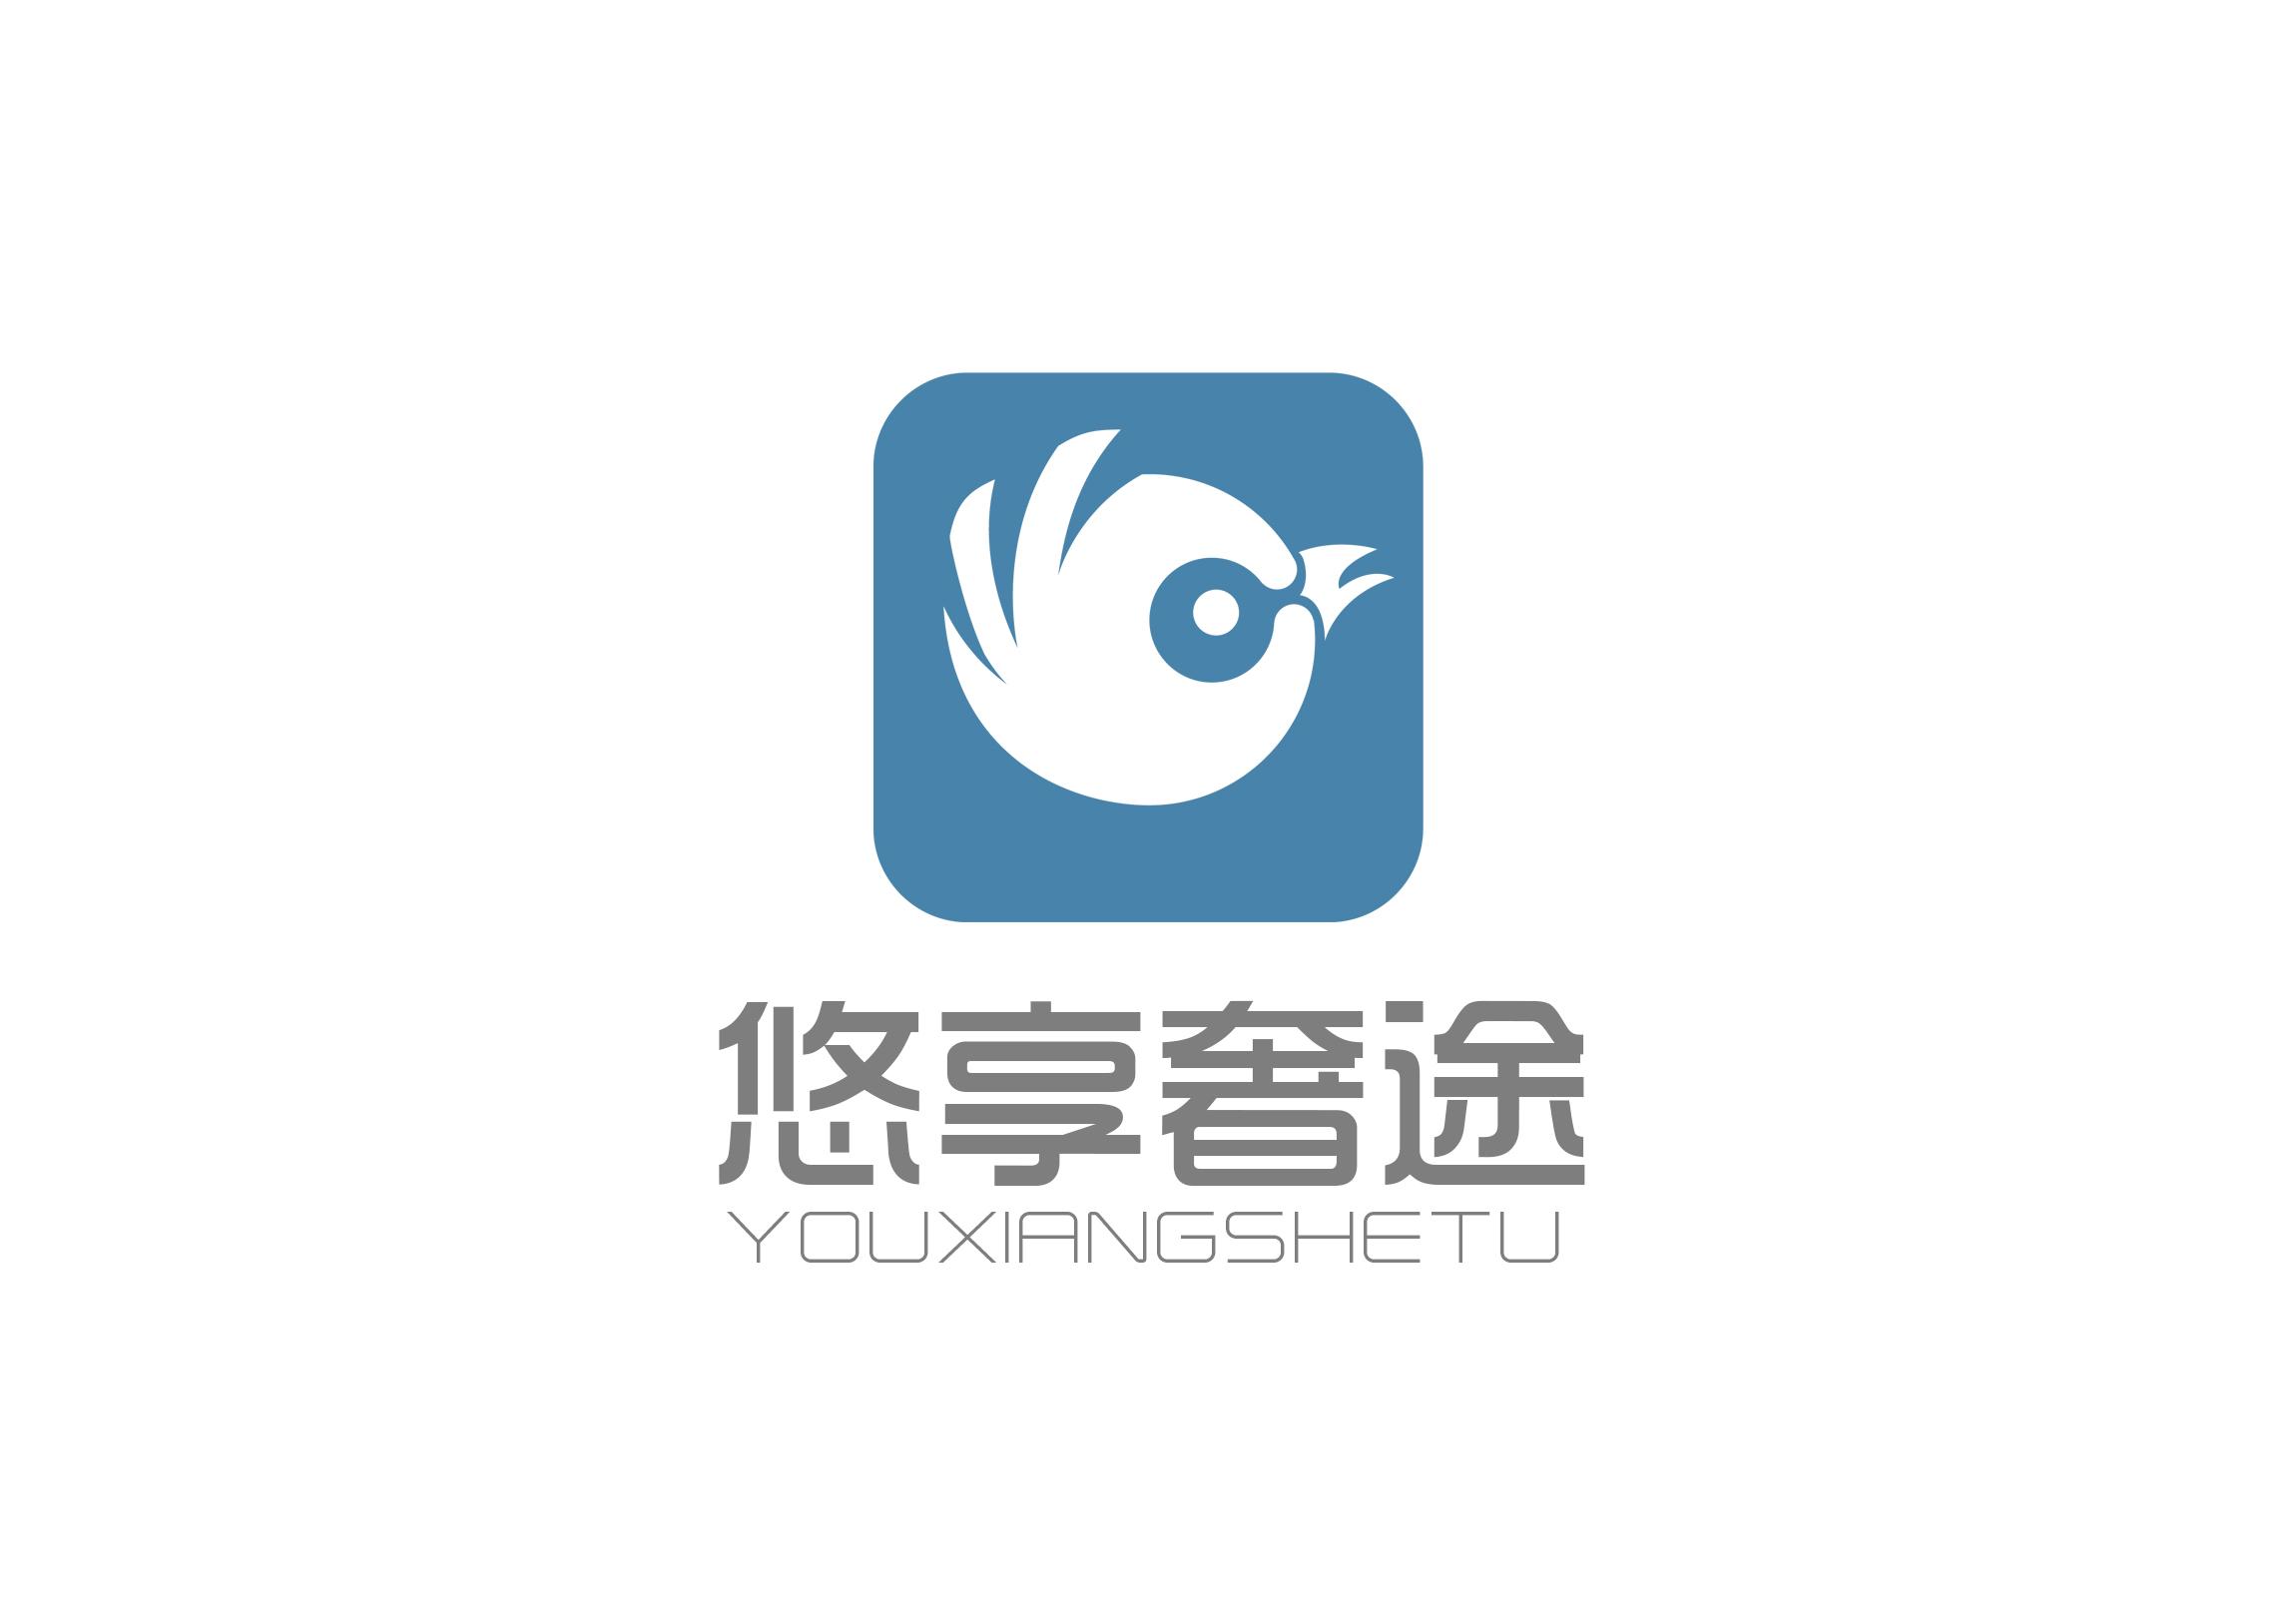 旅游app logo设计_一品威客网logo设计任务#432564